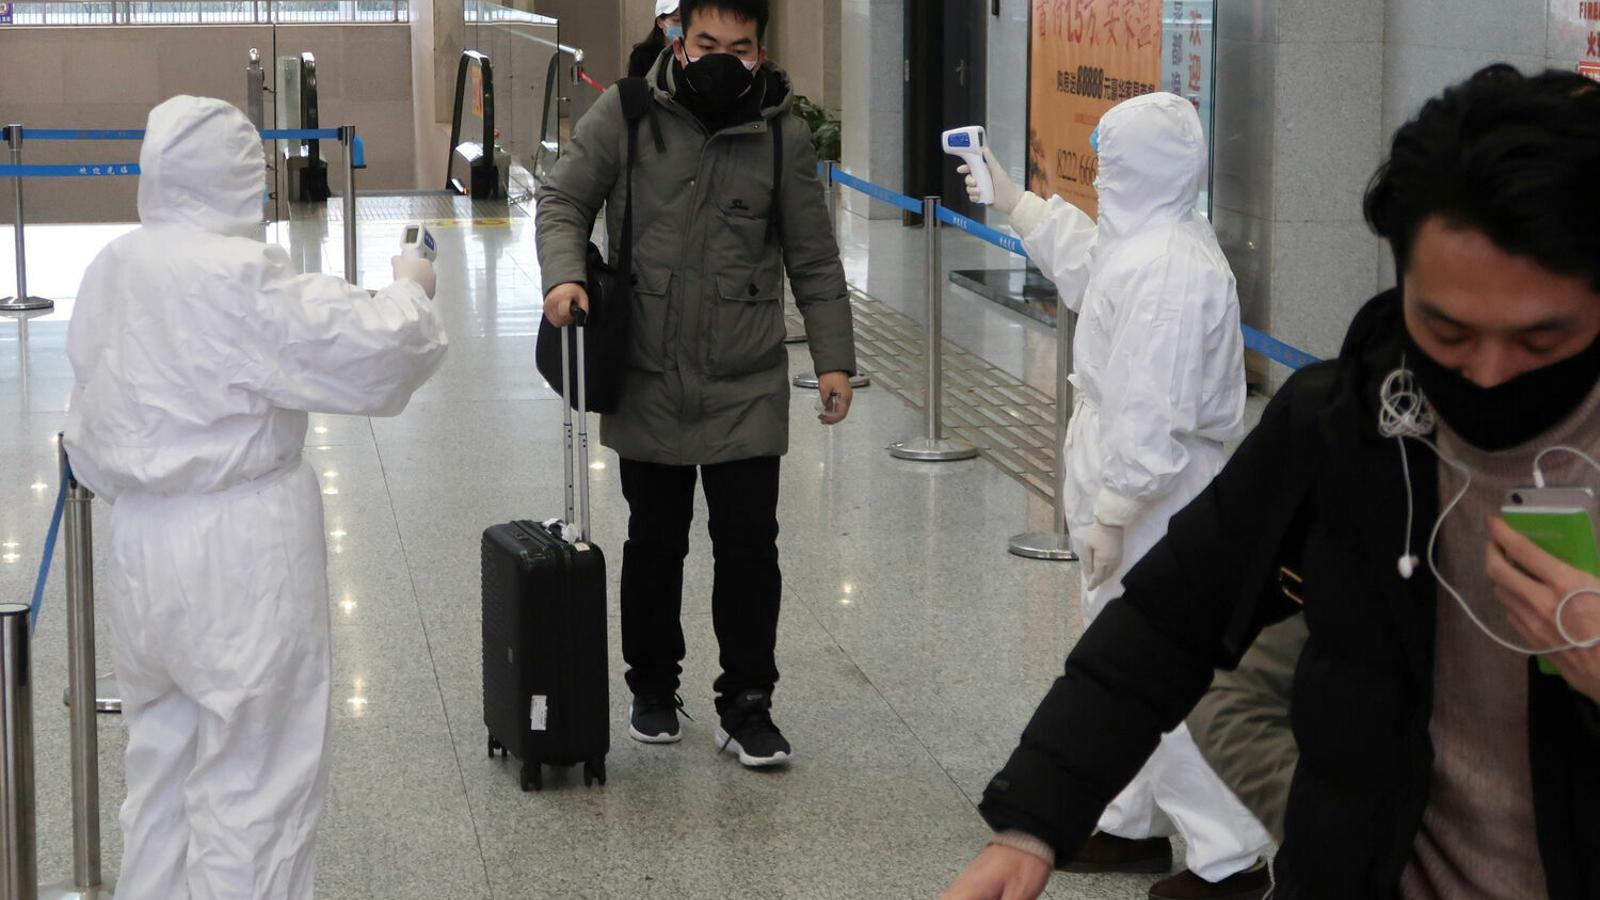 Dos sanitaris controlen la temperatura dels passatgers a l'estació de trens de Xianning per saber si tenen febre.